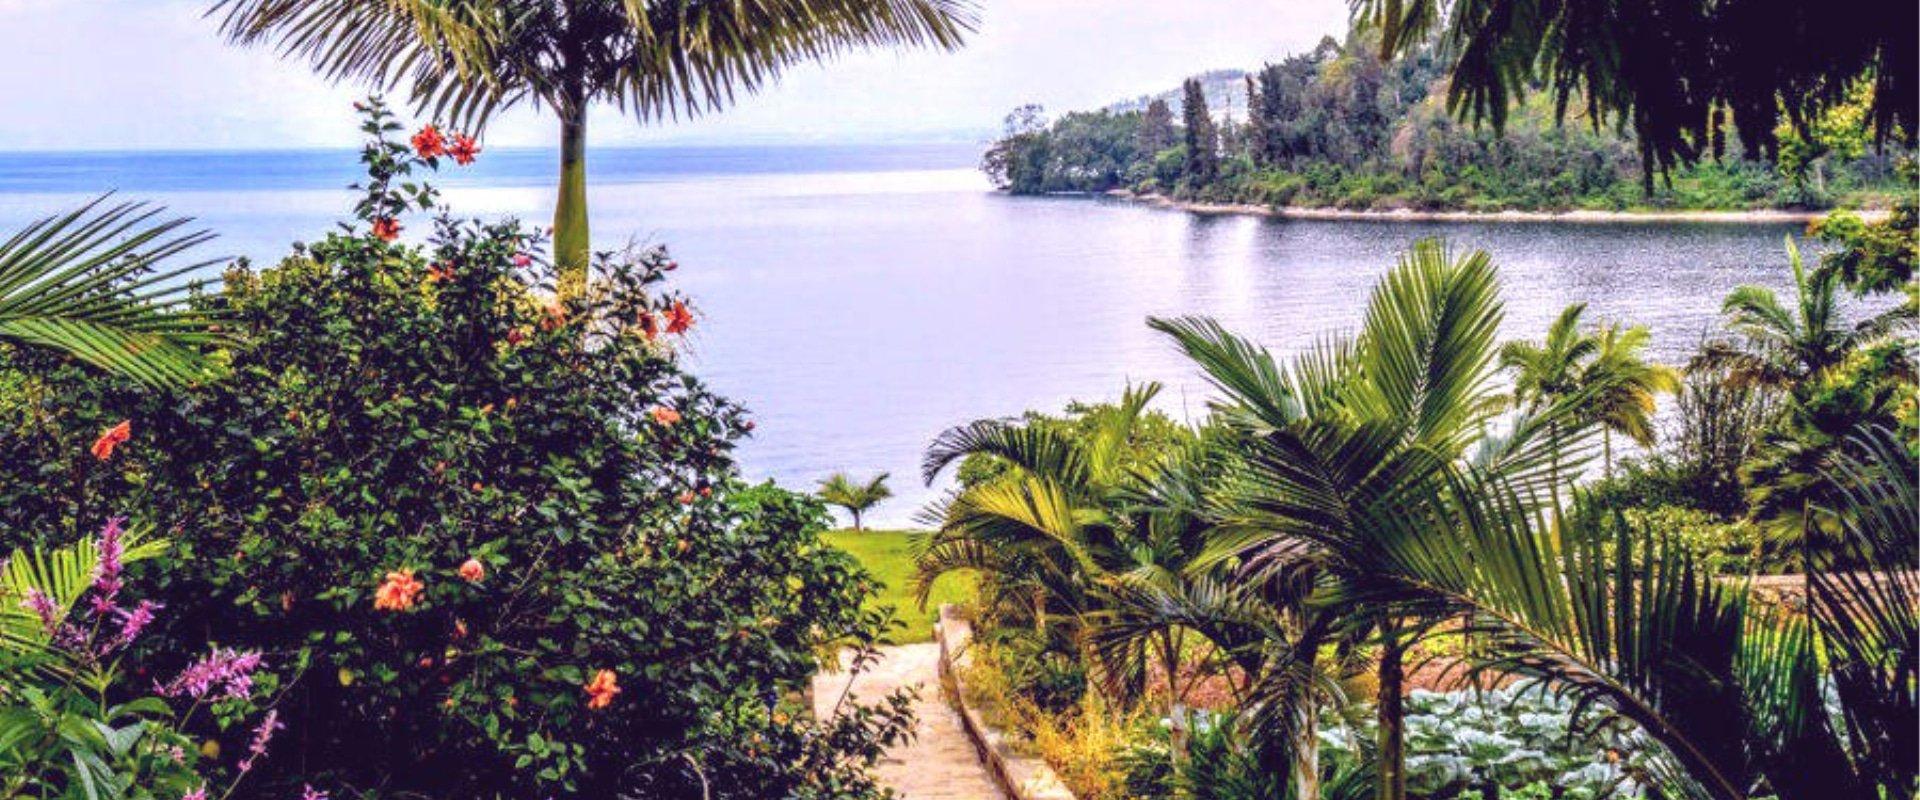 Paradise Kivu